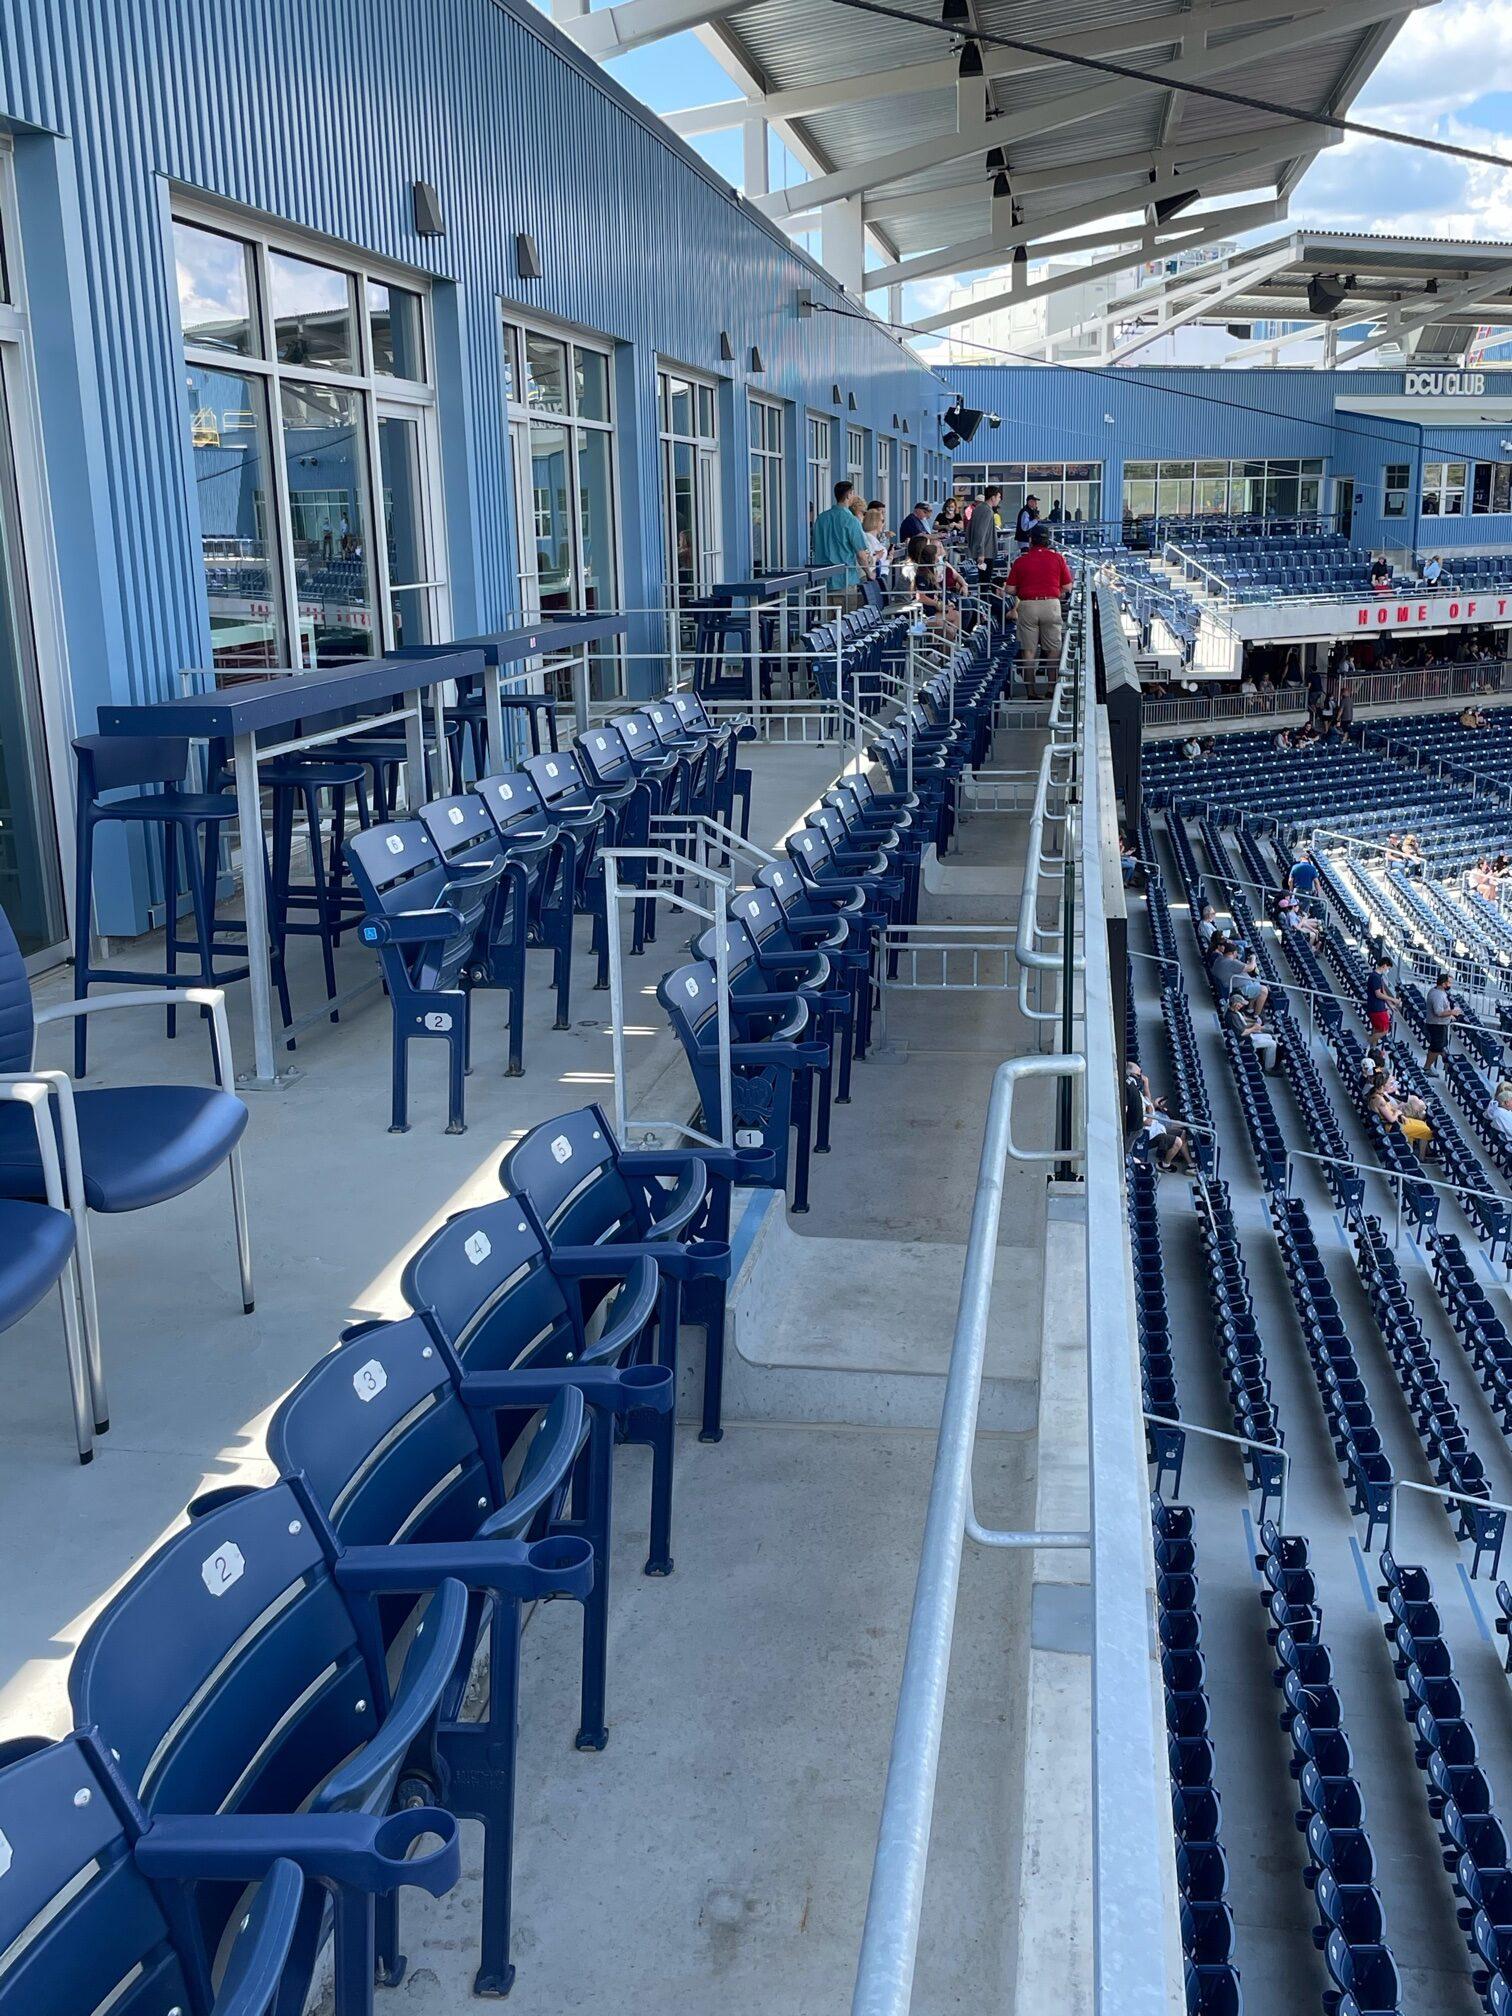 Worcester's butt-ugly $160m stadium: an eyewitness report